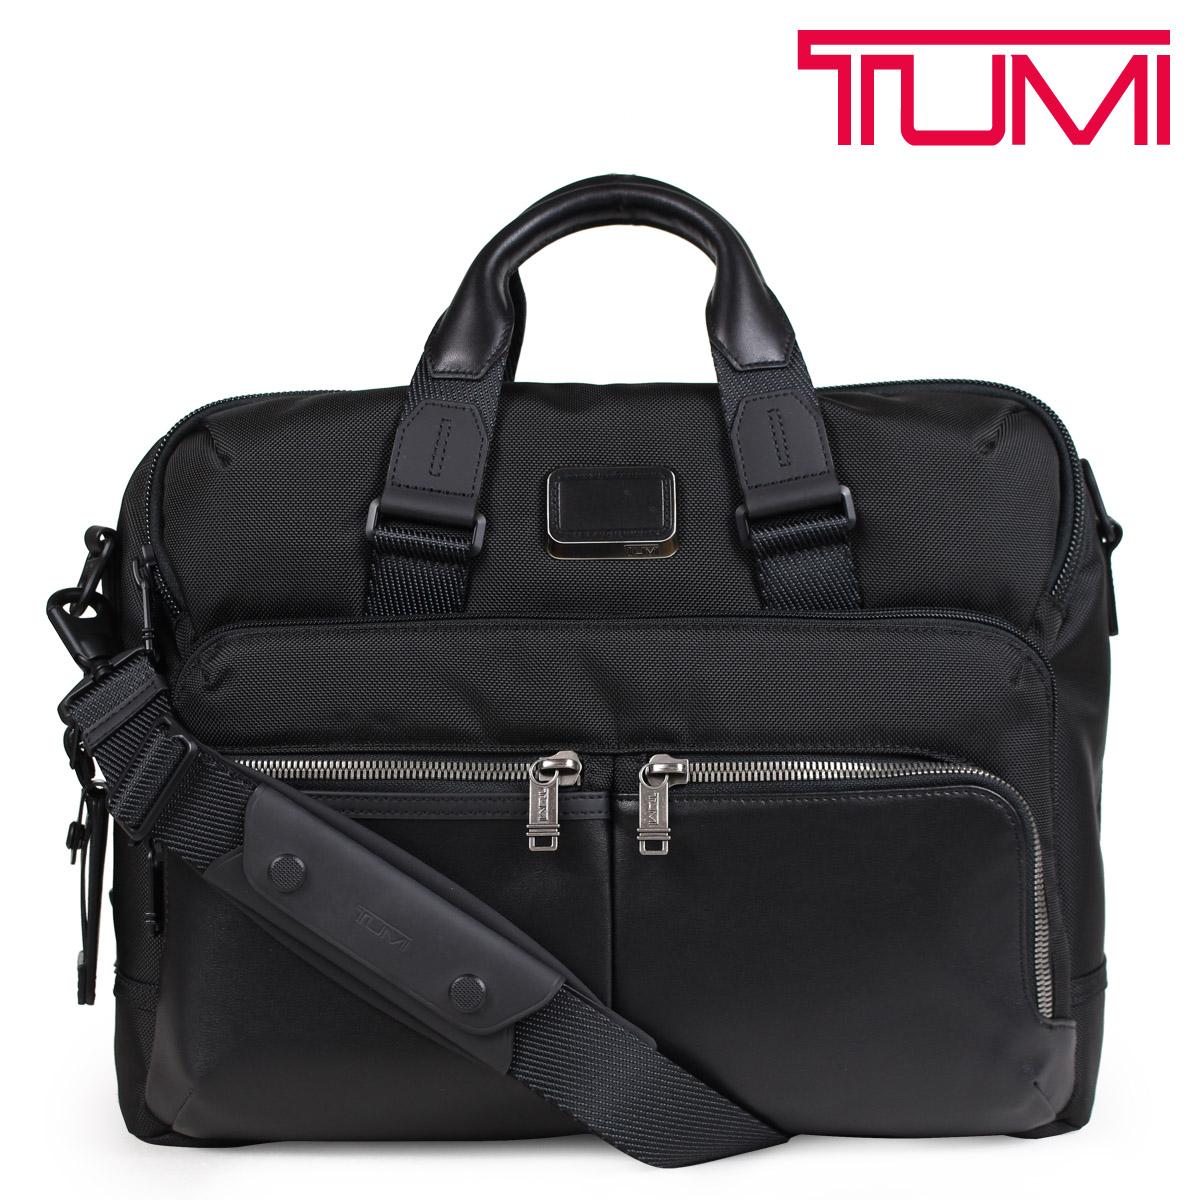 トゥミ TUMI ビジネス バッグ メンズ ALPHA BRAVO PATTERSON BRIEF ブリーフケース ブラック 232644D